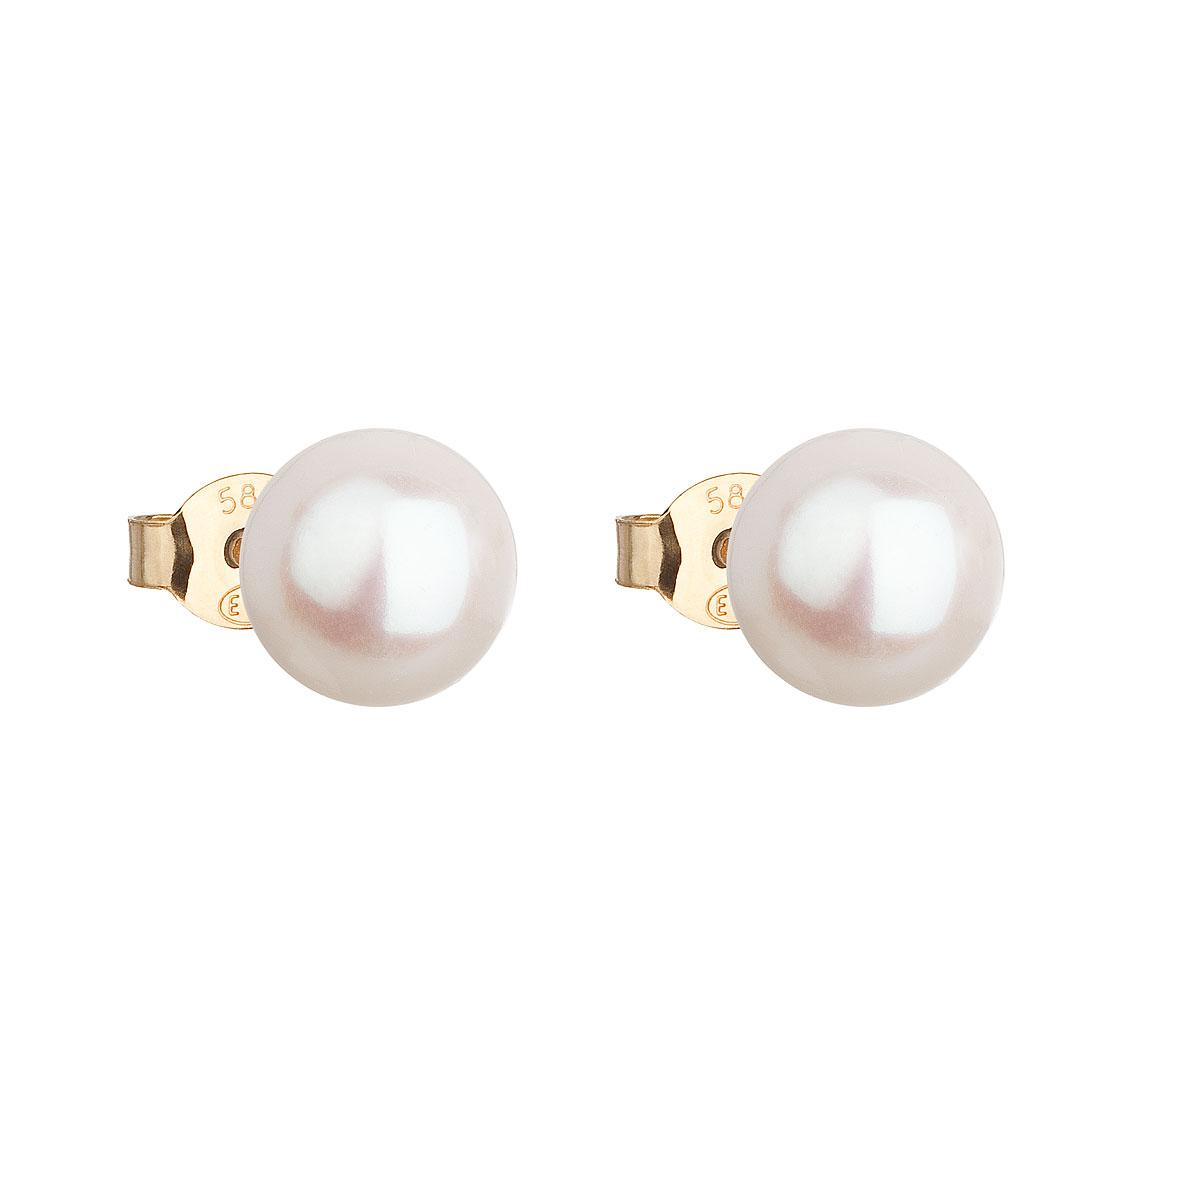 Zlaté 14 karátové náušnice kôstky s bielou riečnou perlou 921042.1